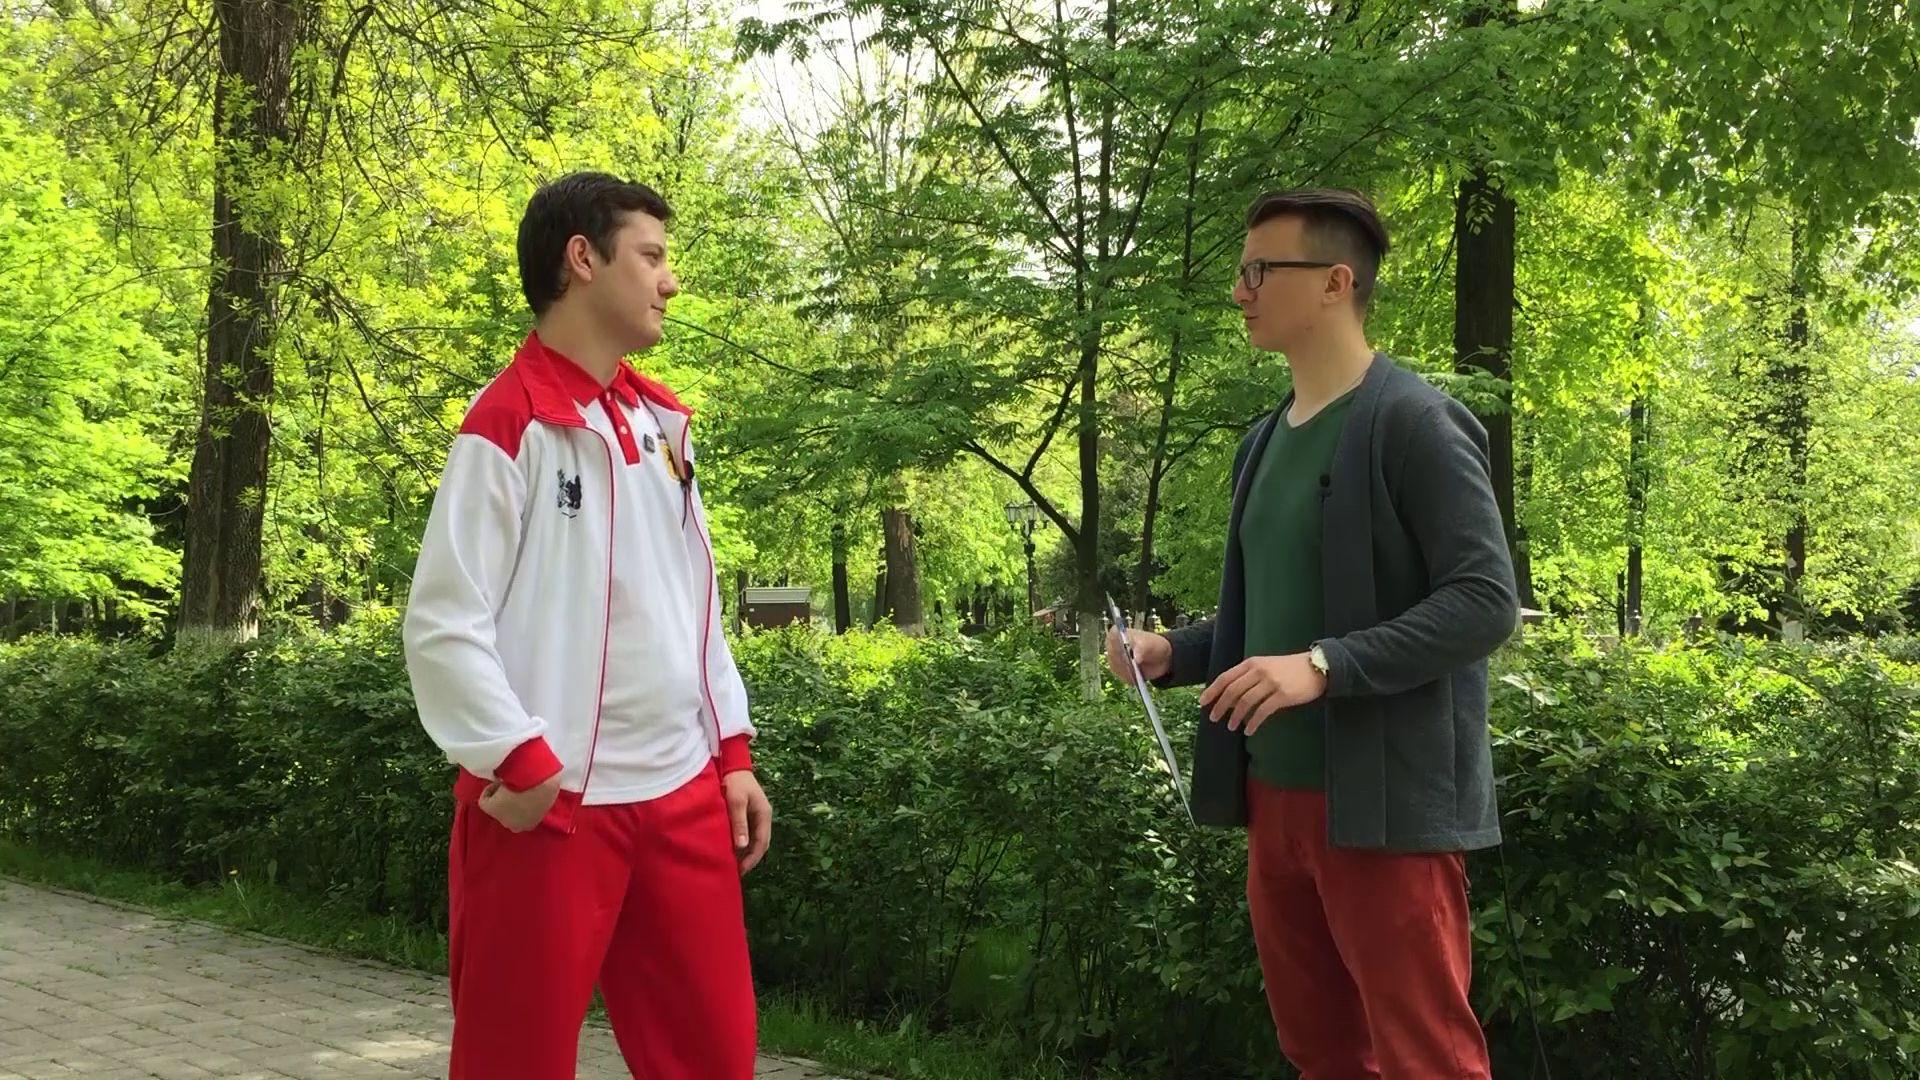 Программа «Я+спорт» от 28.05.20: Интервью с мастером спорта России по настольному теннису Никитой Стуловым